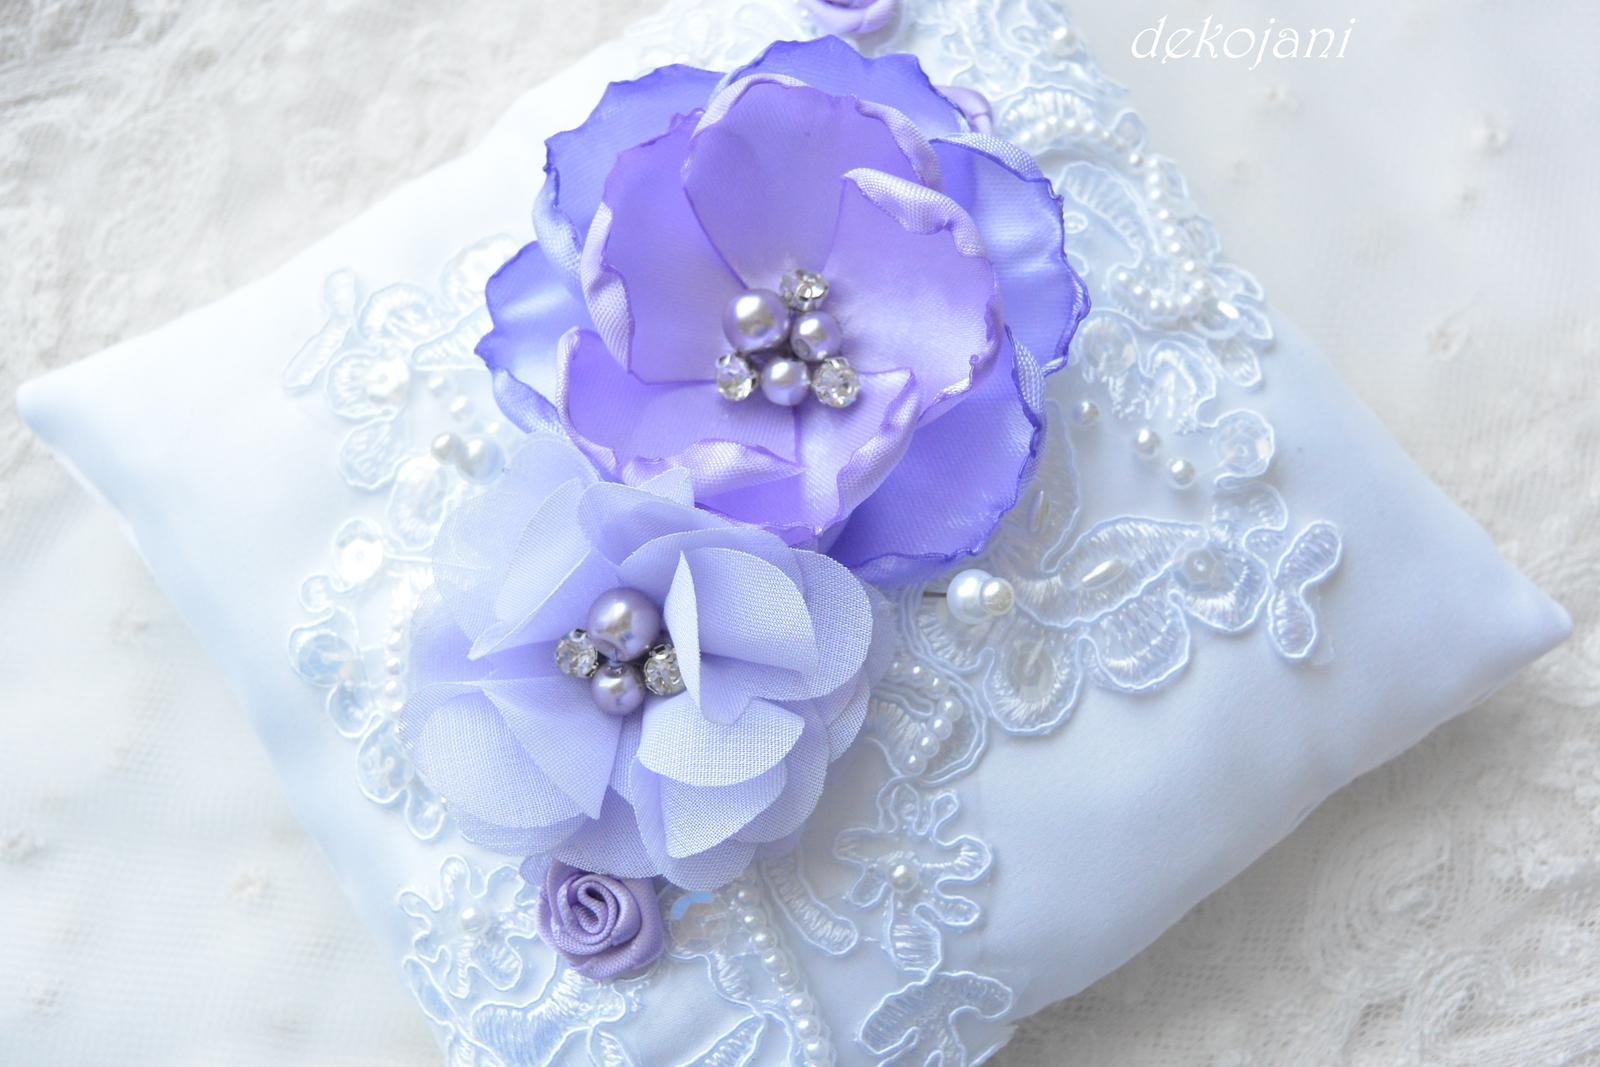 Luxusní svatební doplňky a dekorace. - Obrázek č. 68